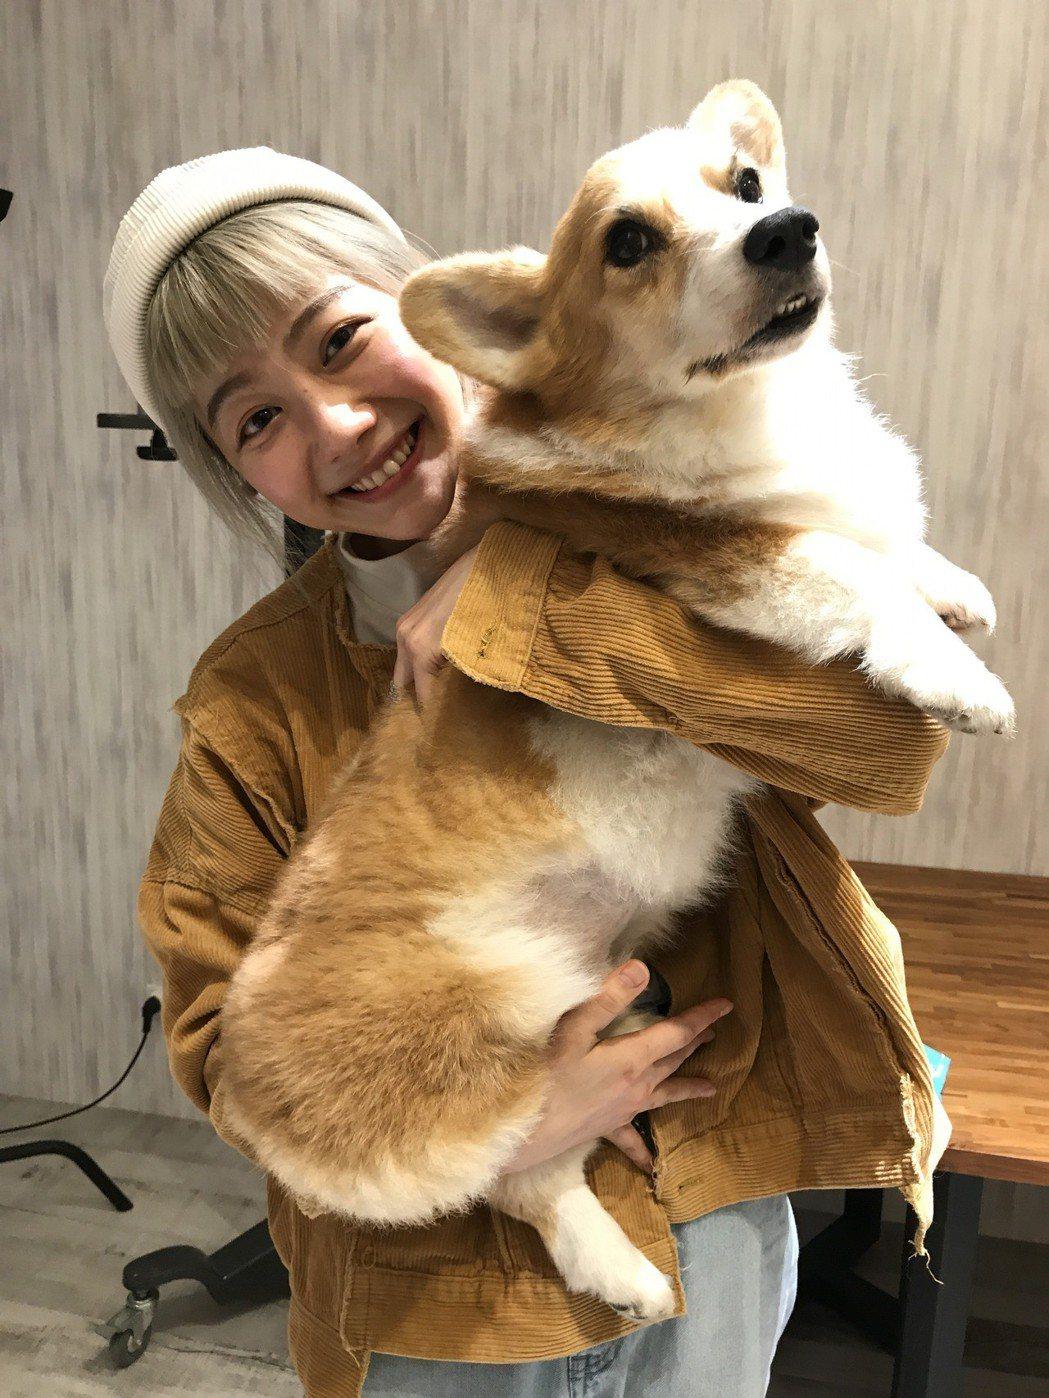 邵庭跟她的狗兒子相處的時間越來越少,已經在倒數計時。記者葉君遠攝影